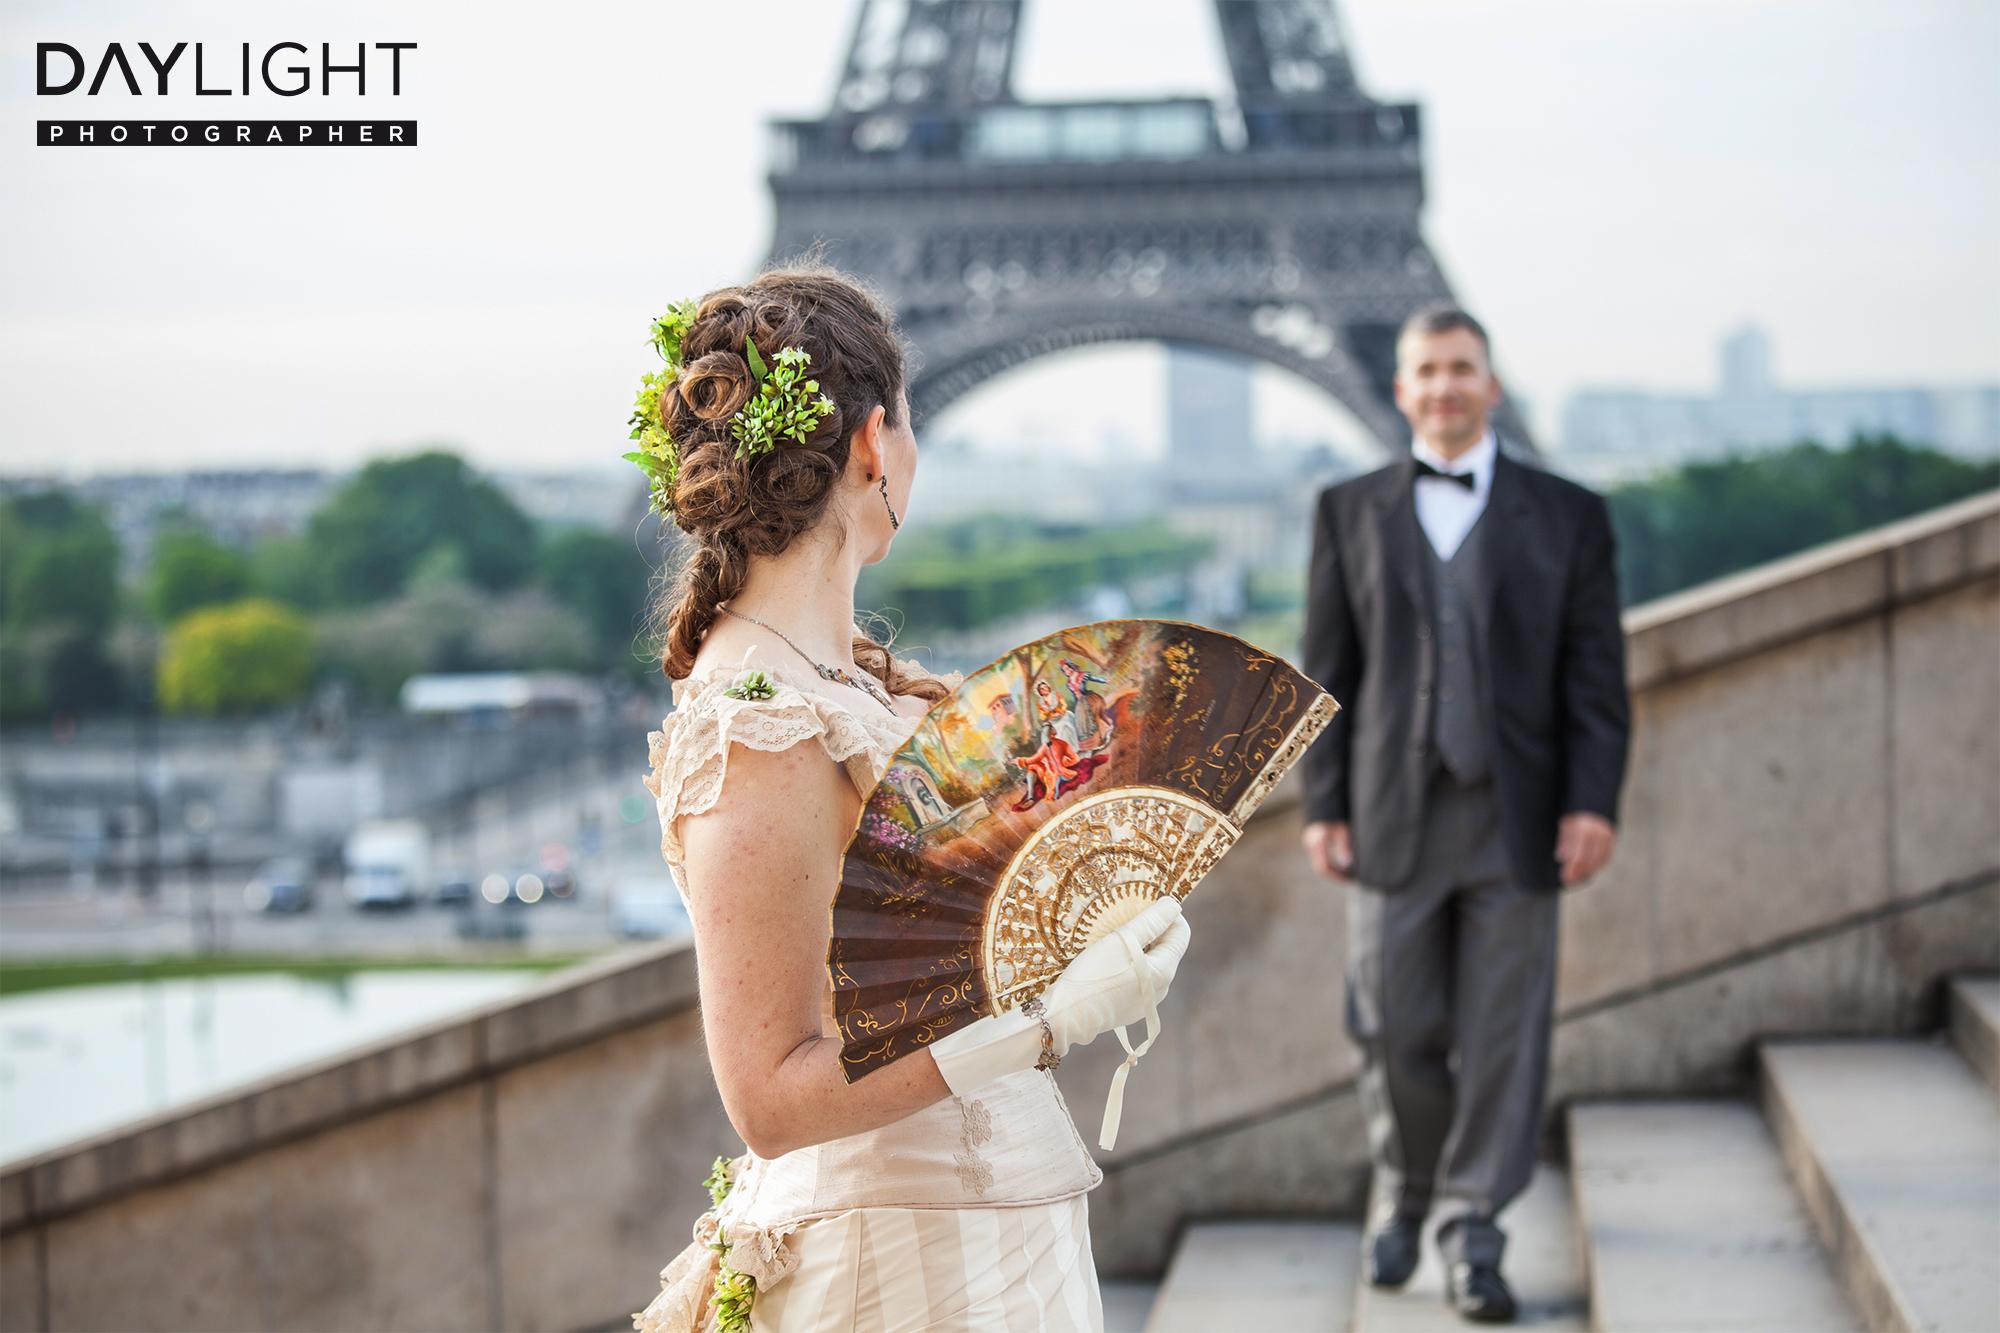 fotoshooting mit fotograf in paris